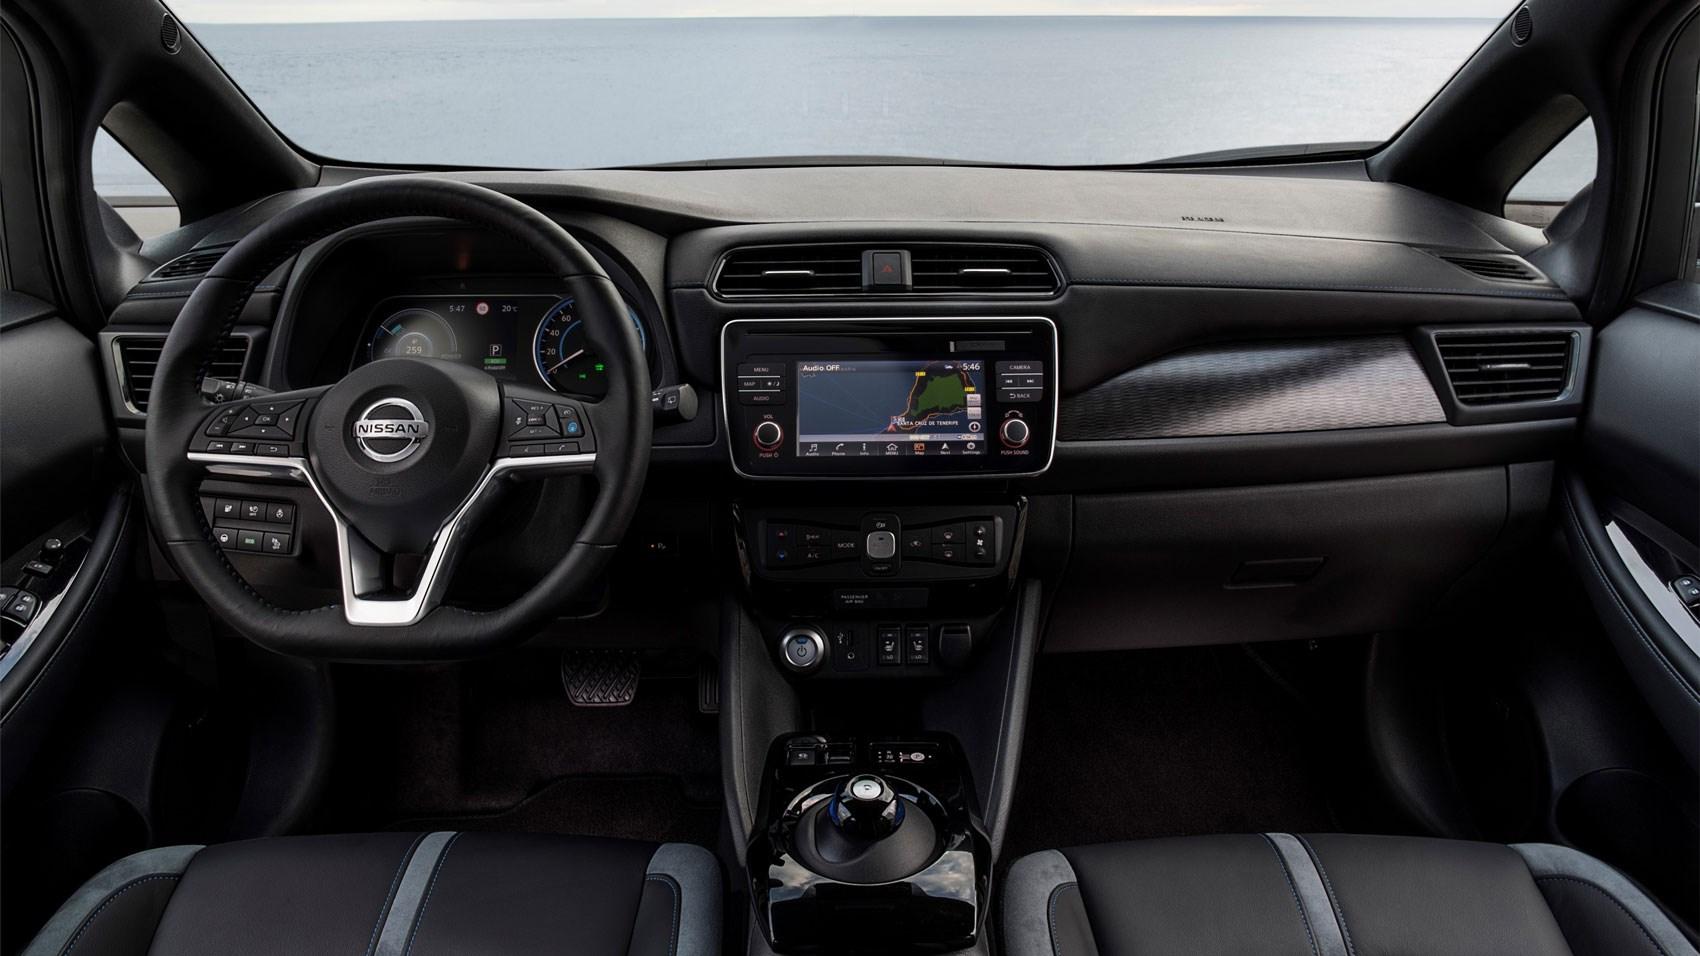 Nissan Leaf Lease >> Nissan Leaf (2018) review: v2.0 EV has wider appeal | CAR Magazine